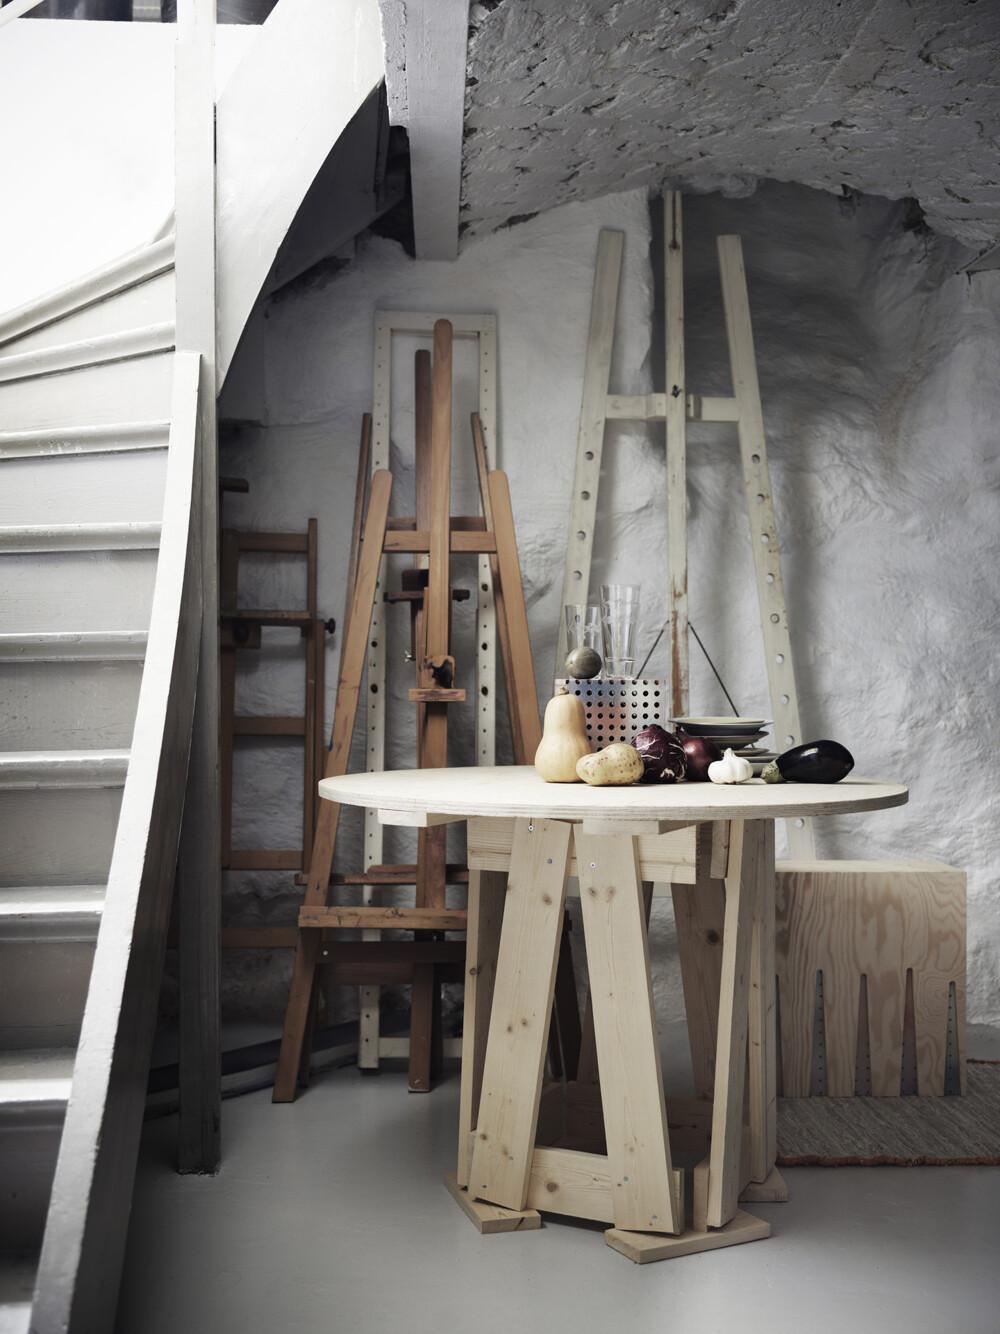 Petrabindel interiors f183e9cf w1440